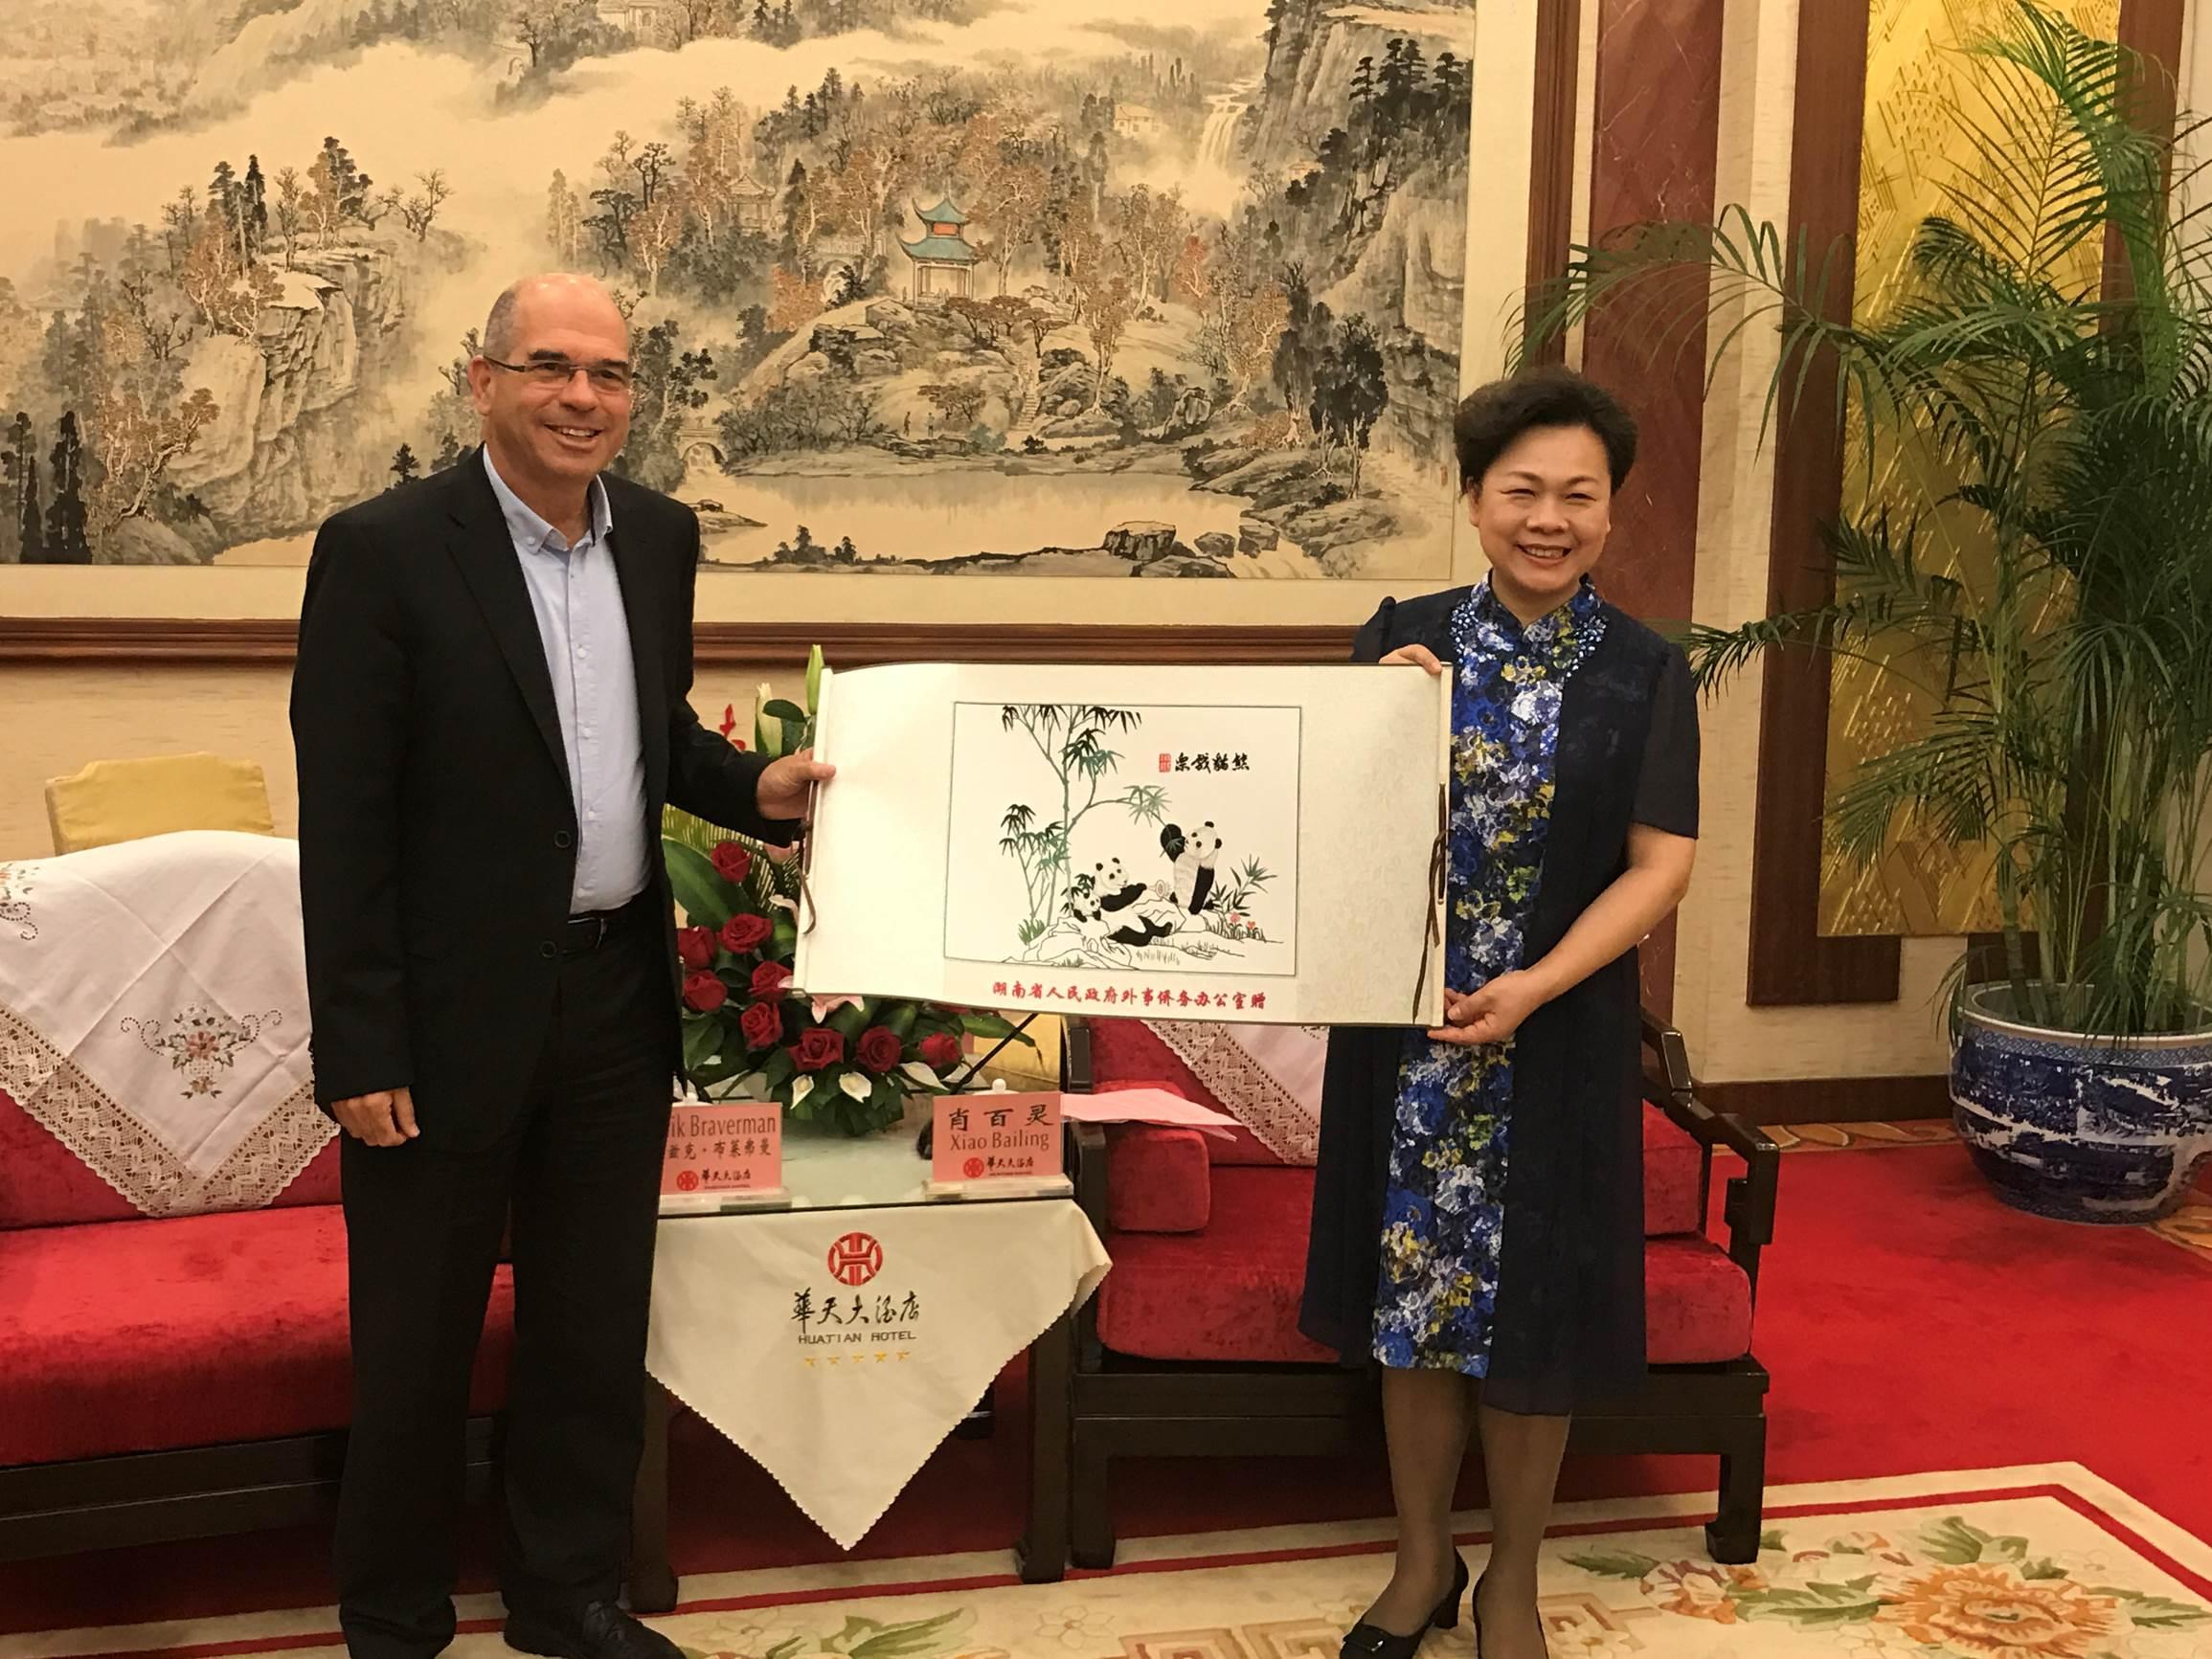 ראש העירייה, איציק ברוורמן, במסעו בסין. צילום: דוברות העירייה